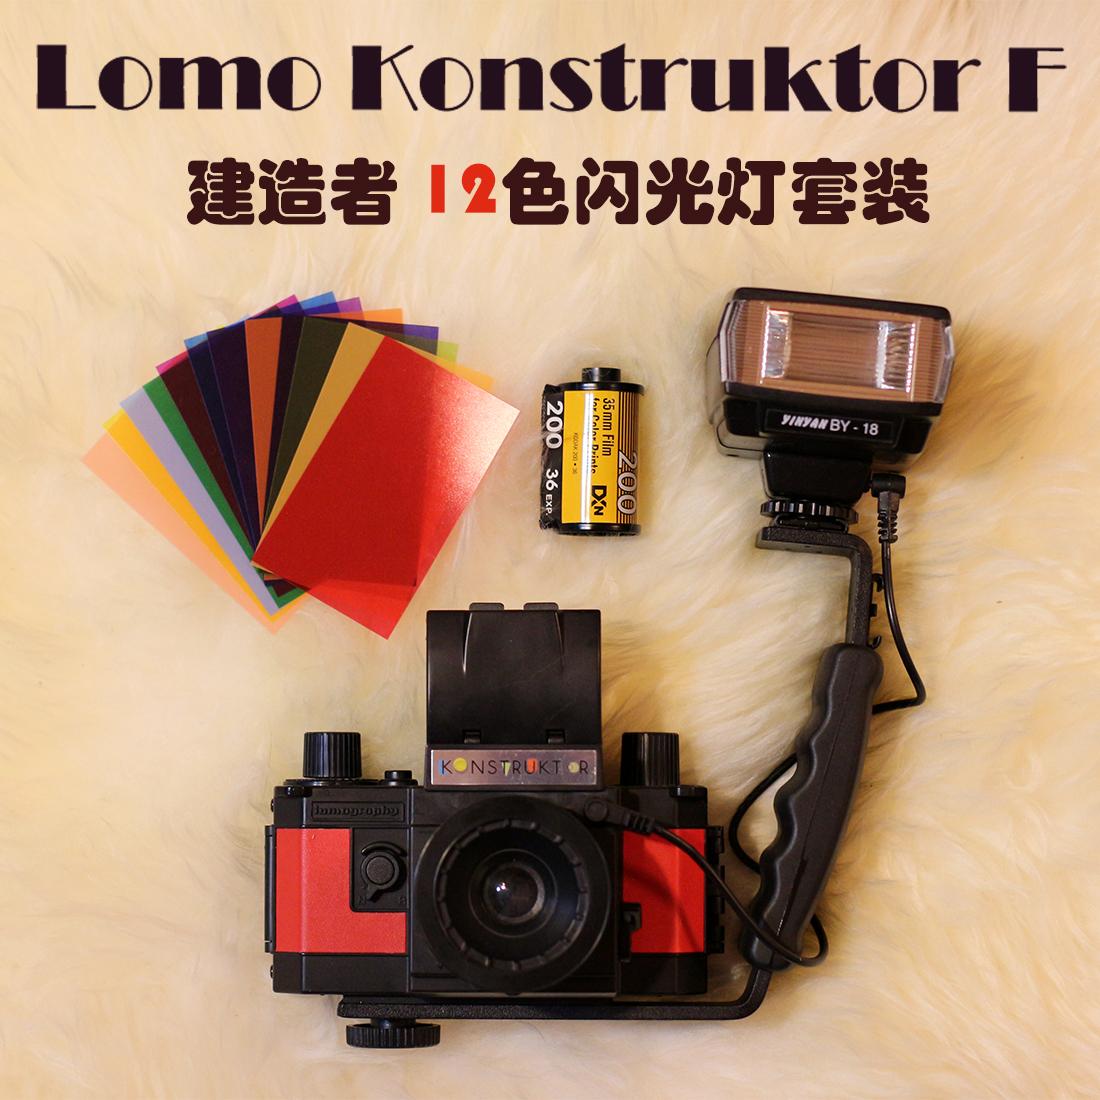 现货包顺丰 Konstruktor F 闪光灯套装建造者LOMO相机DIY组装单反